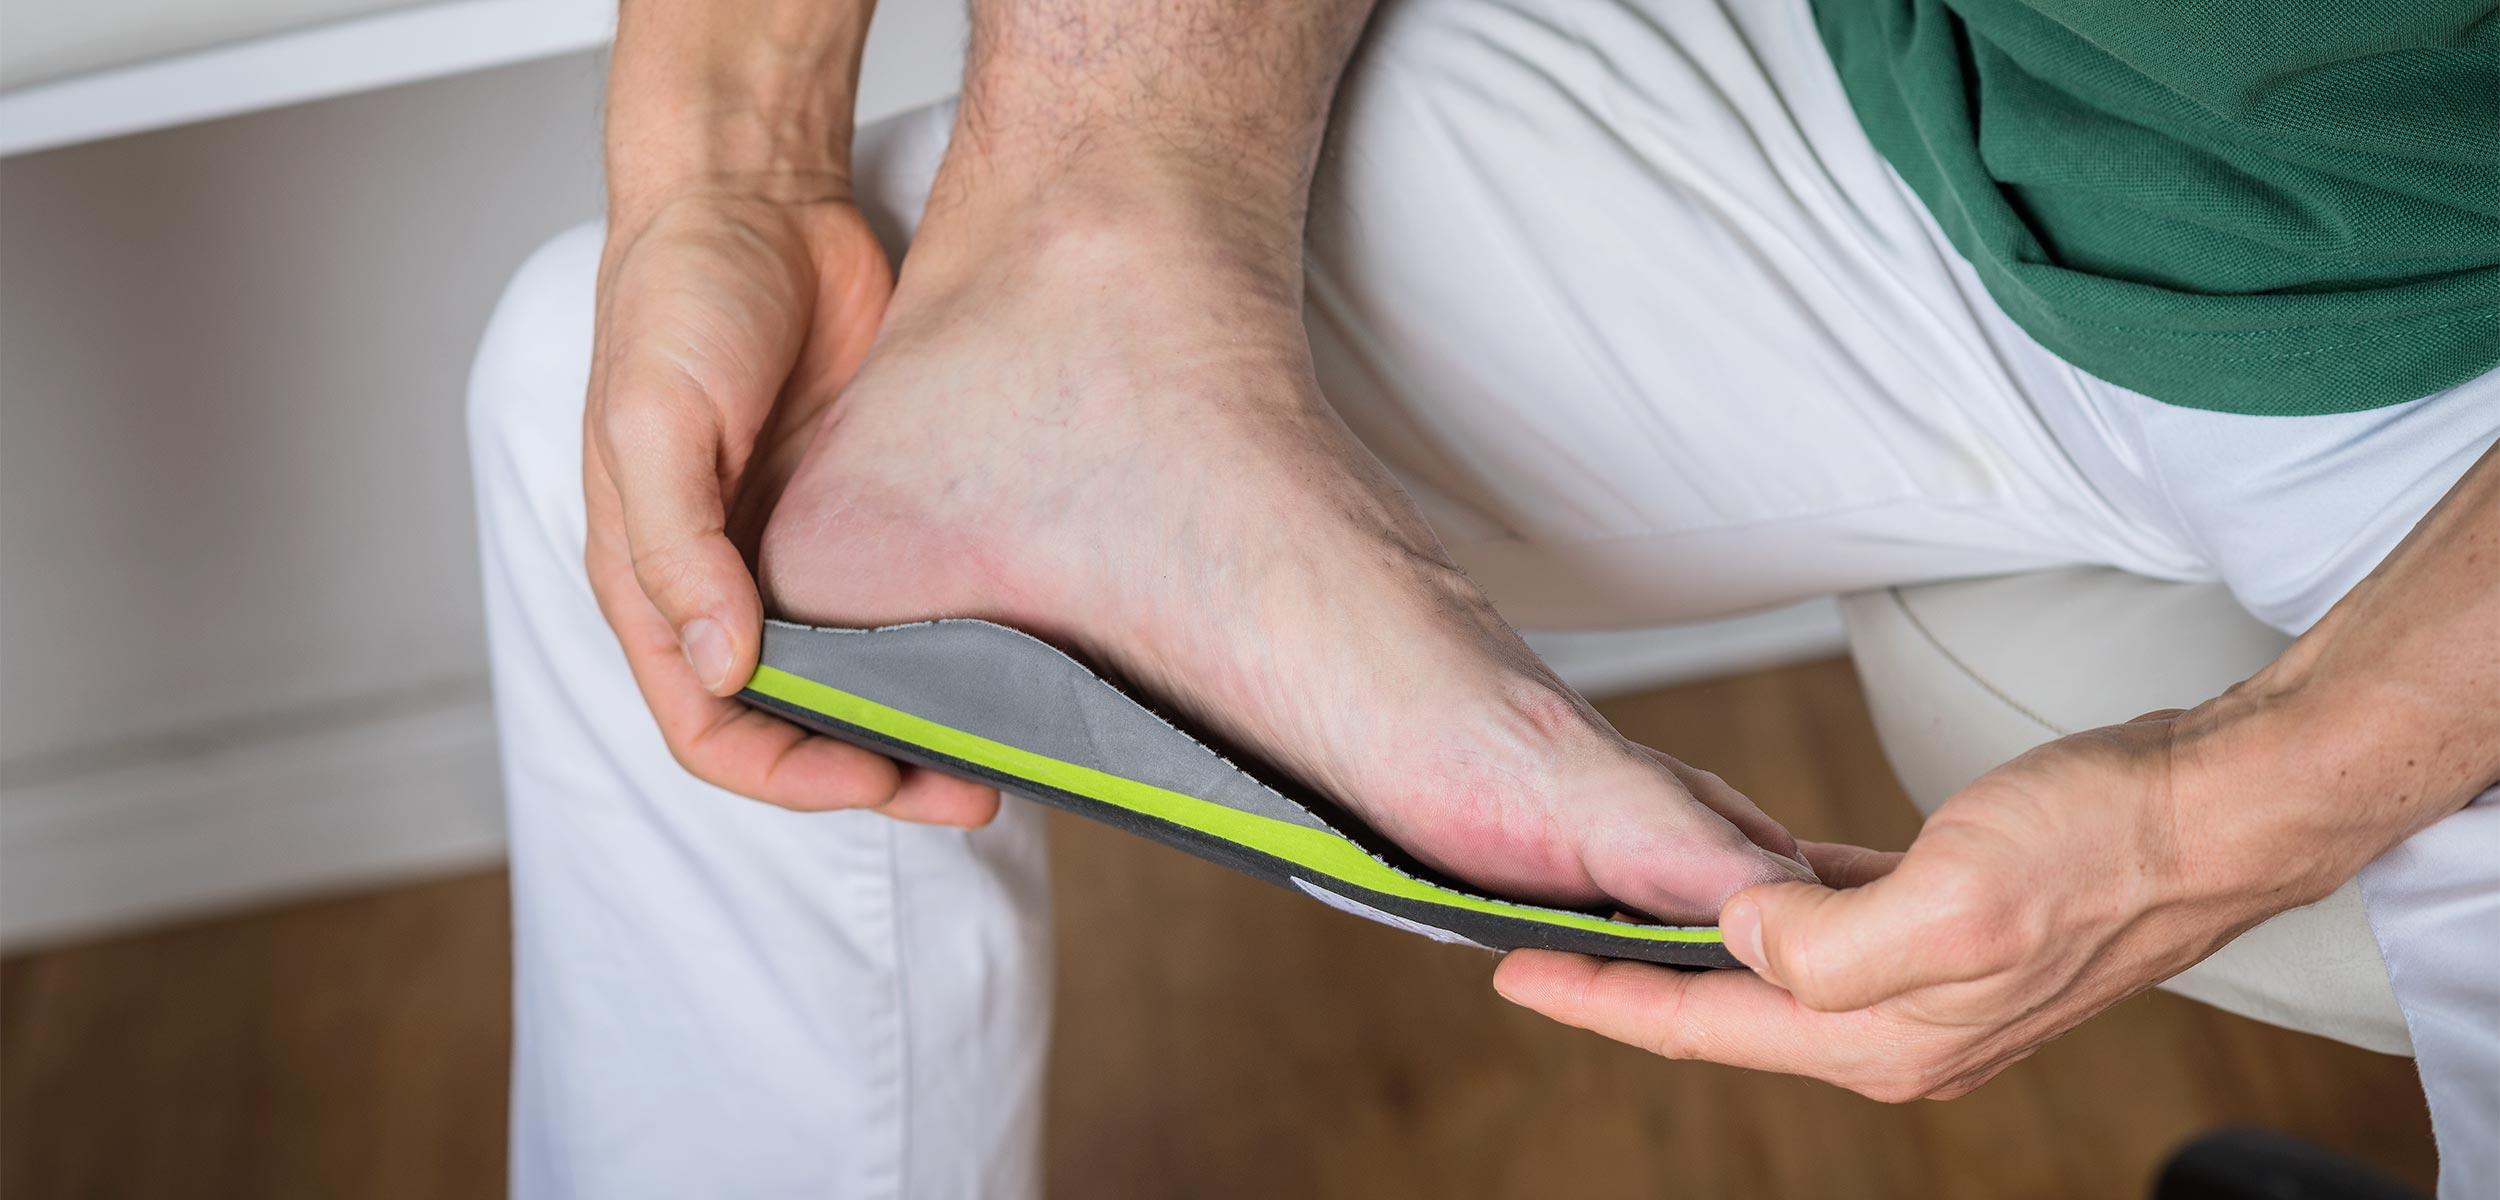 Anpassen neuer sensomotorischer Einlagen an die Füße